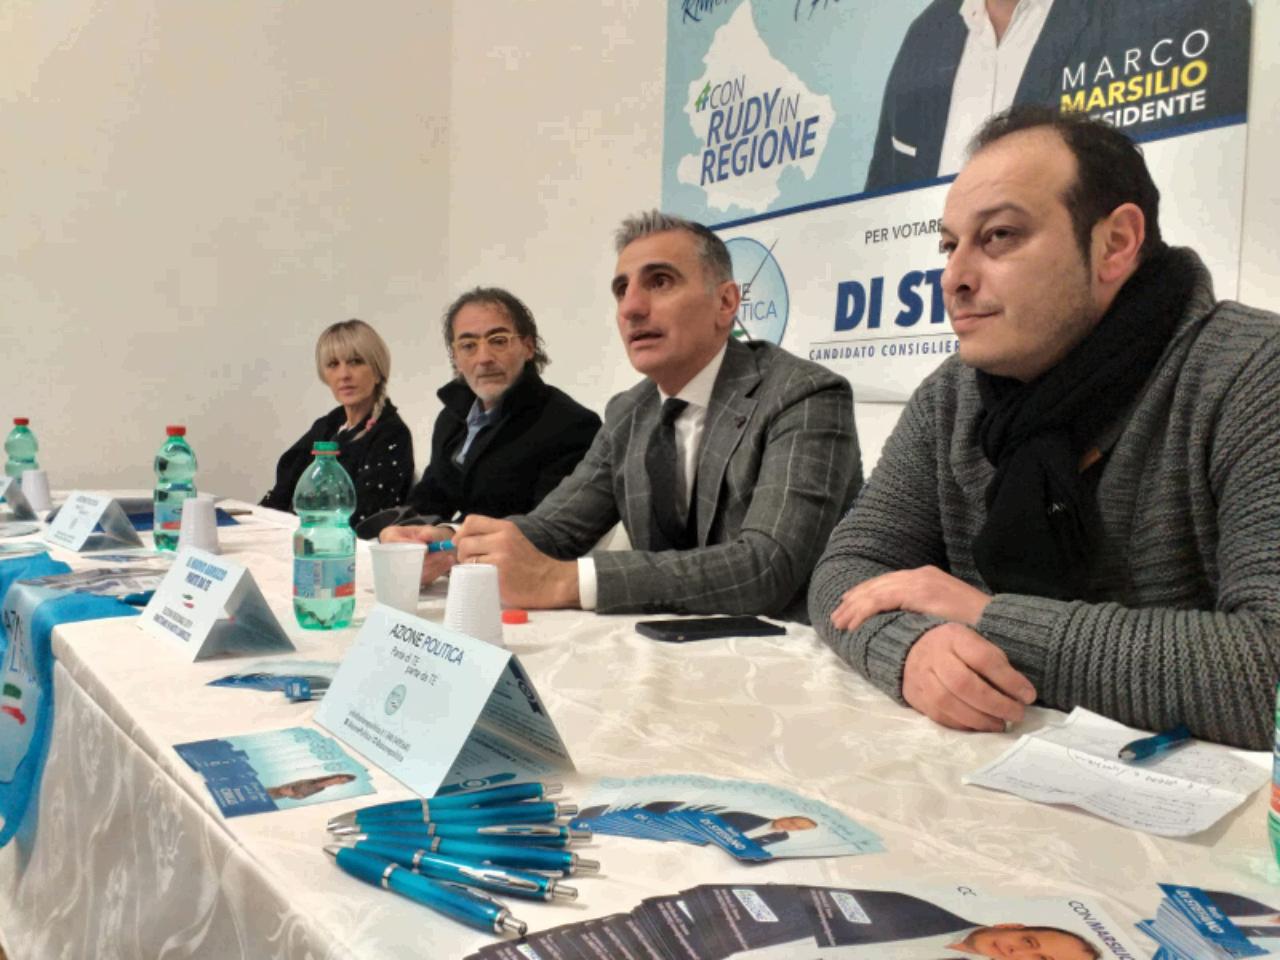 Giulianova, inaugurata la sede comitato elettorale di Rudy Di Stefano di Azione Politica